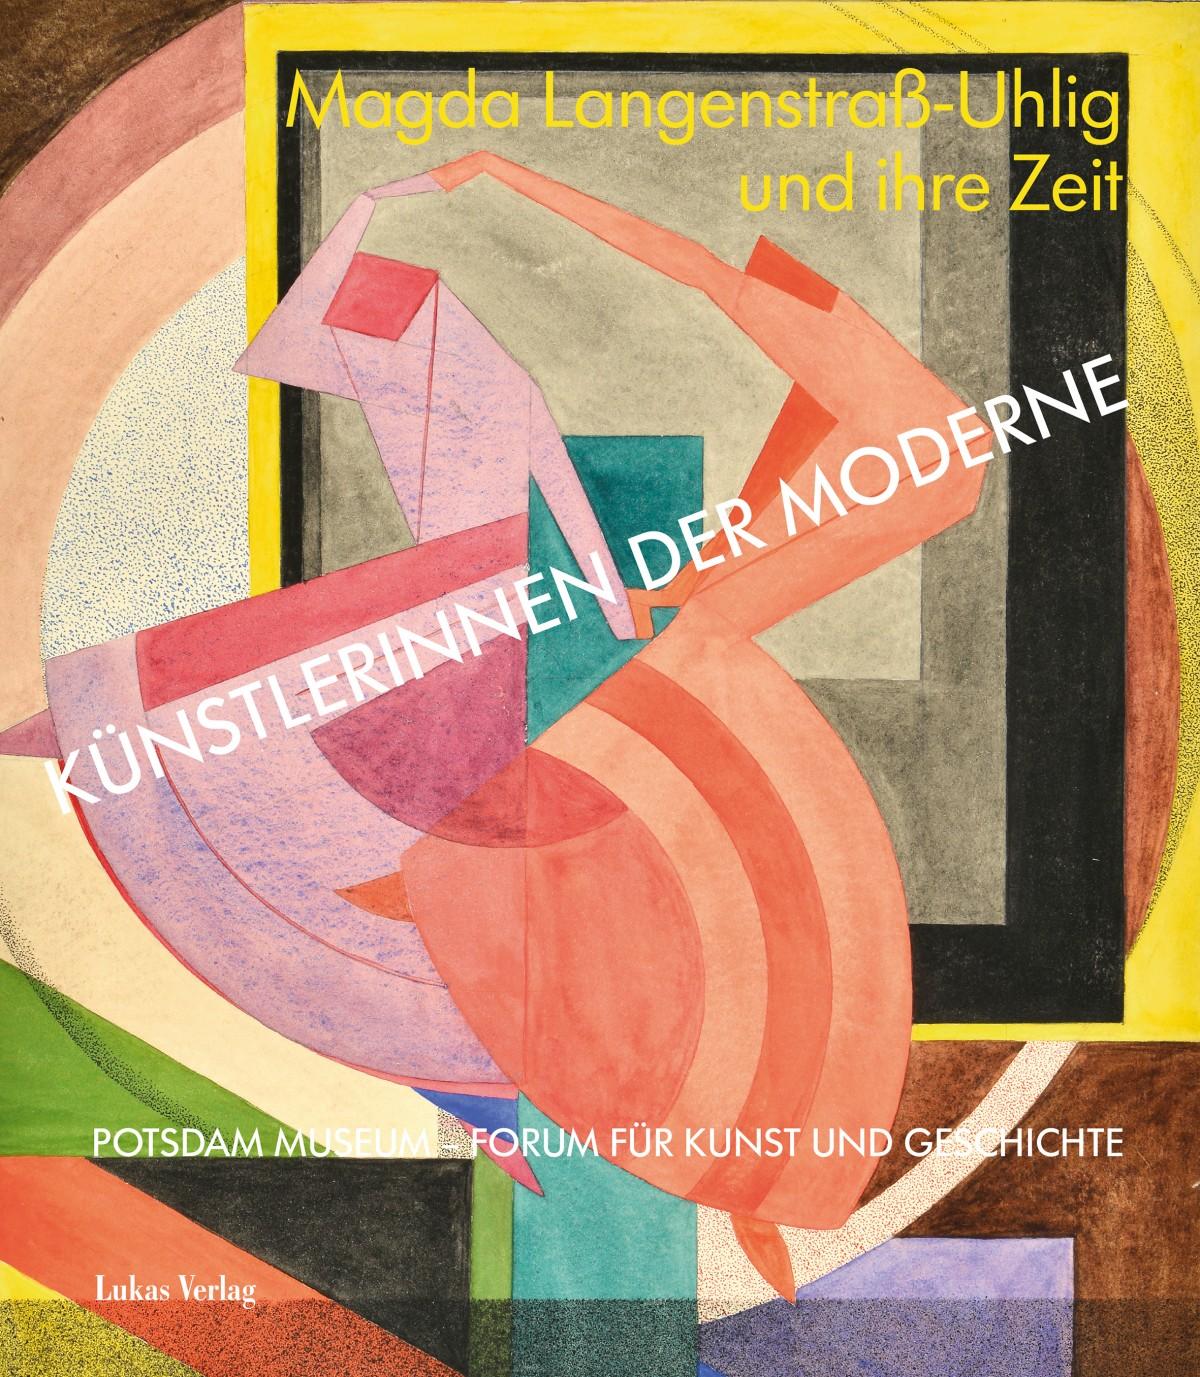 Künstlerinnen Der Moderne   Lukas Verlag Für Kunst  Und Geistesgeschichte